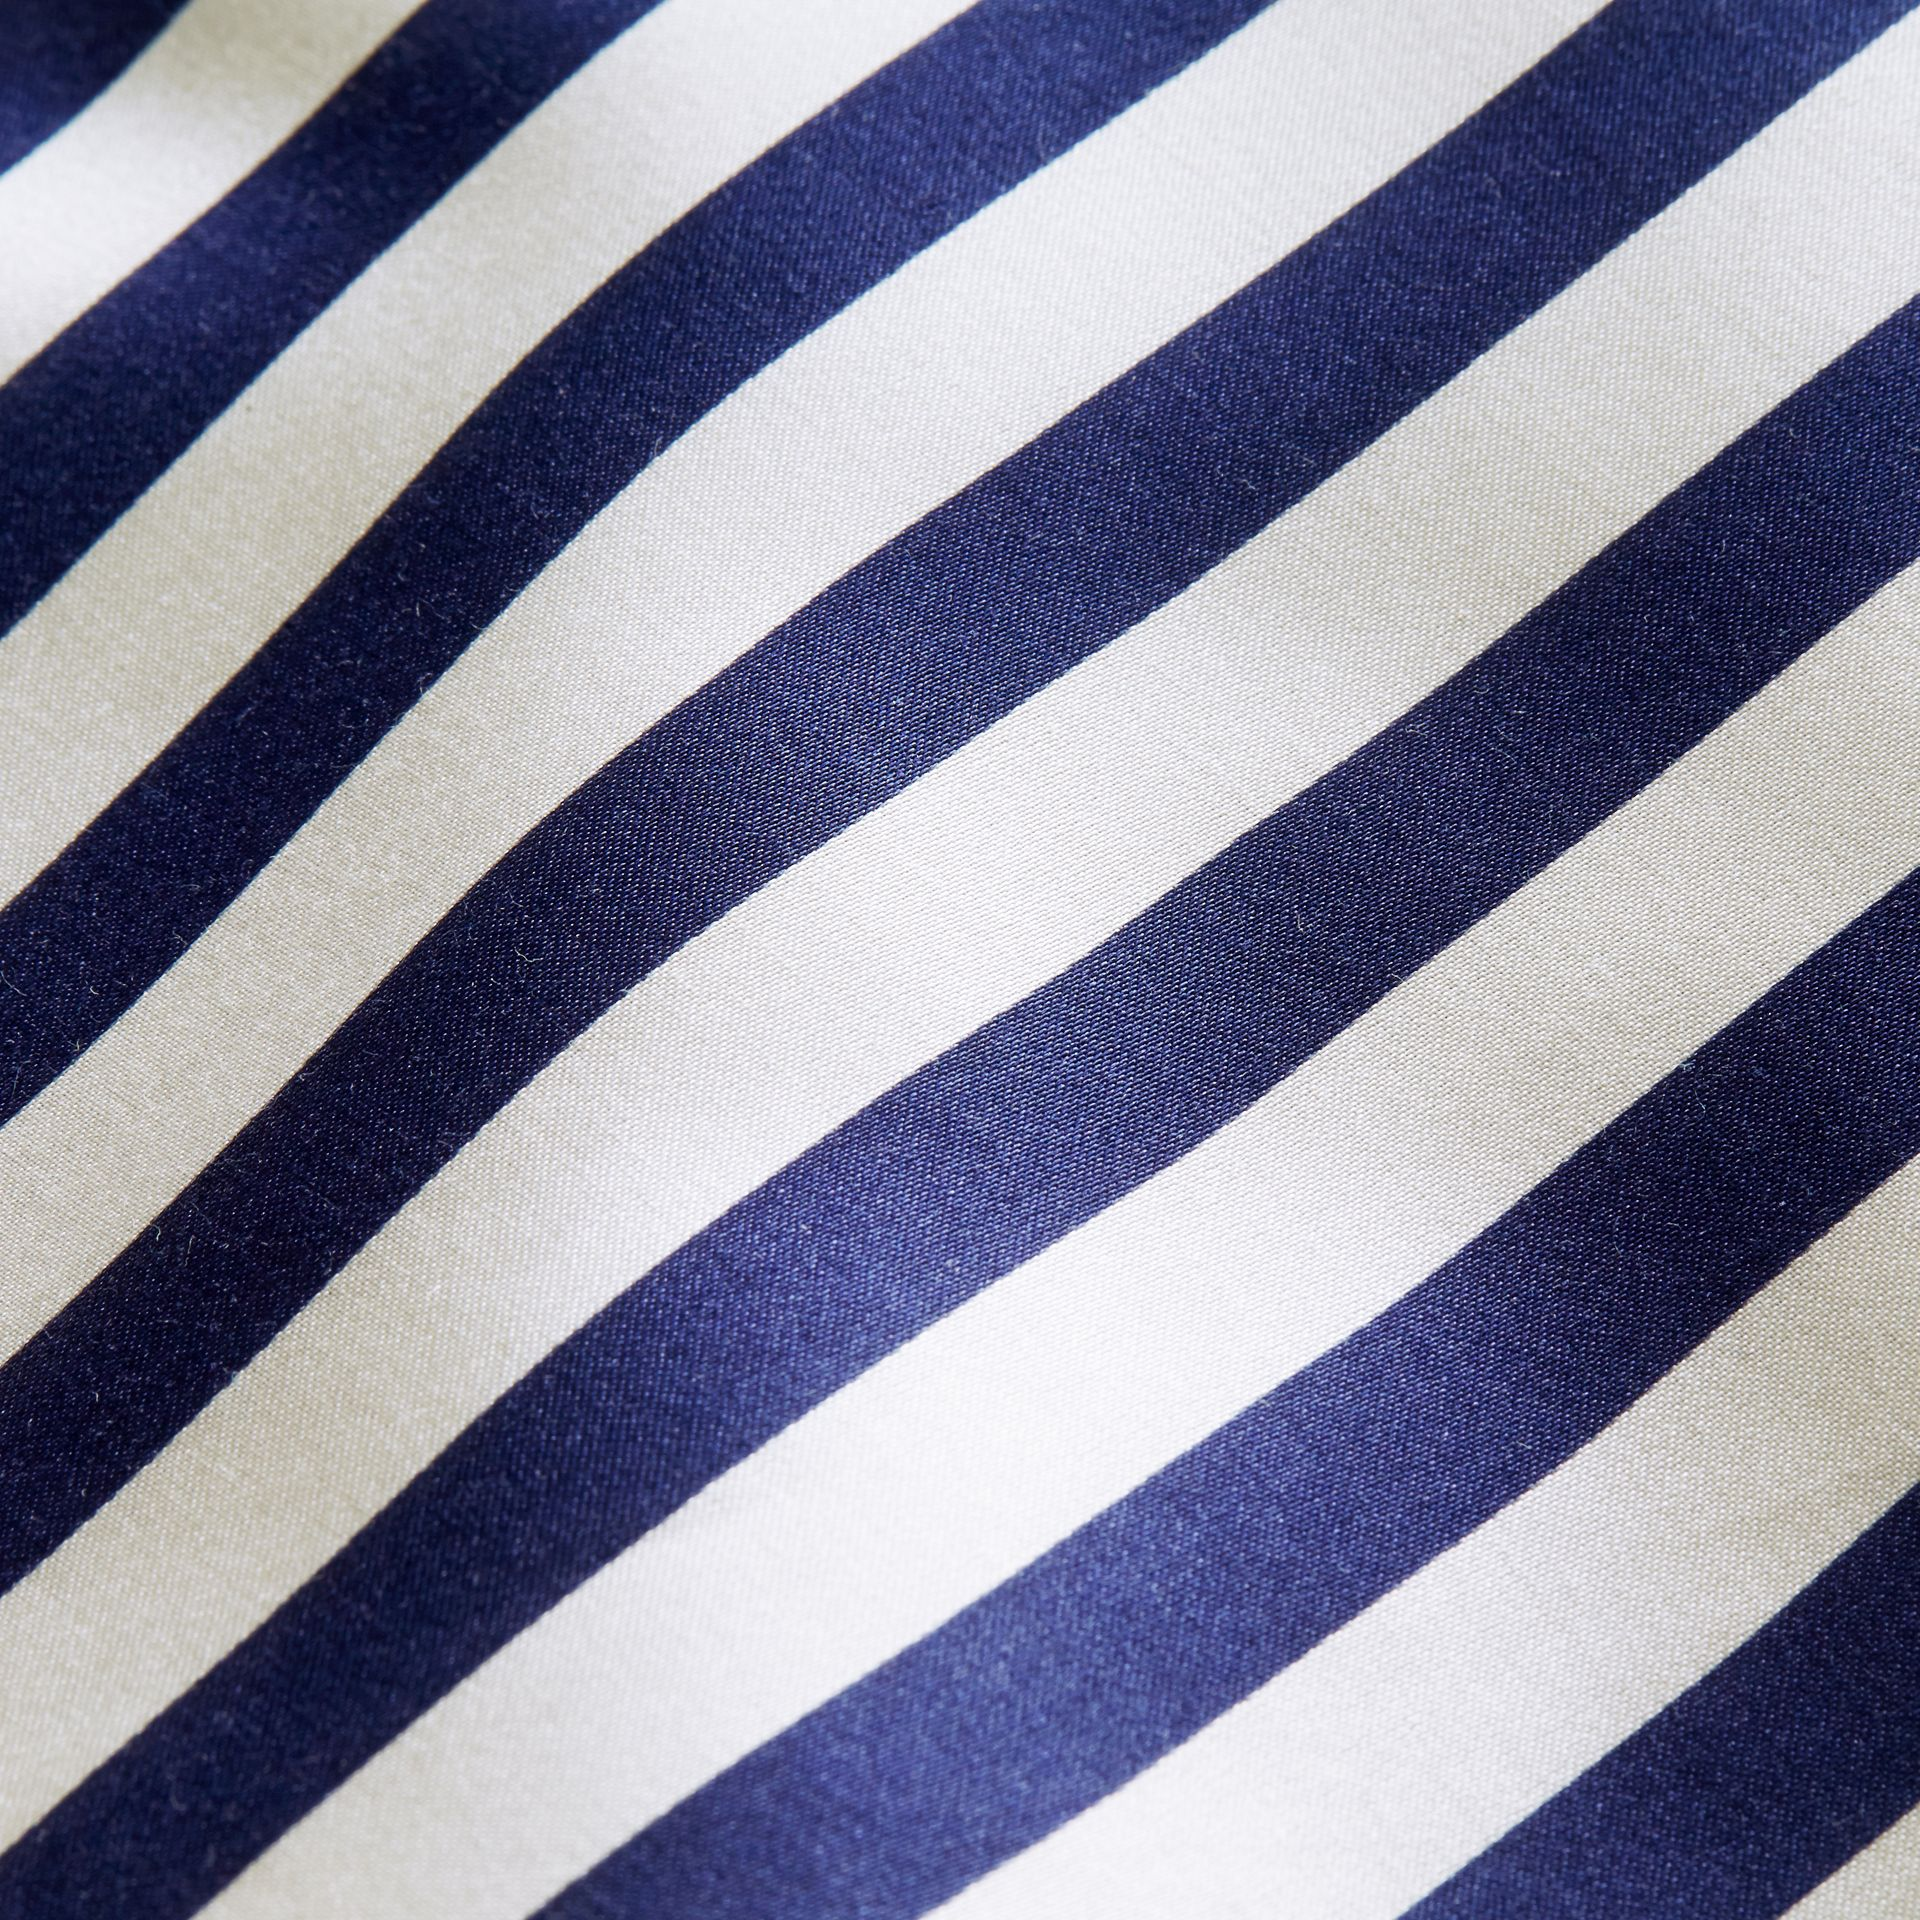 Unisex-Sweatshirt mit Streifenpanel aus Baumwollseide (Grau Meliert) - Herren | Burberry - Galerie-Bild 2